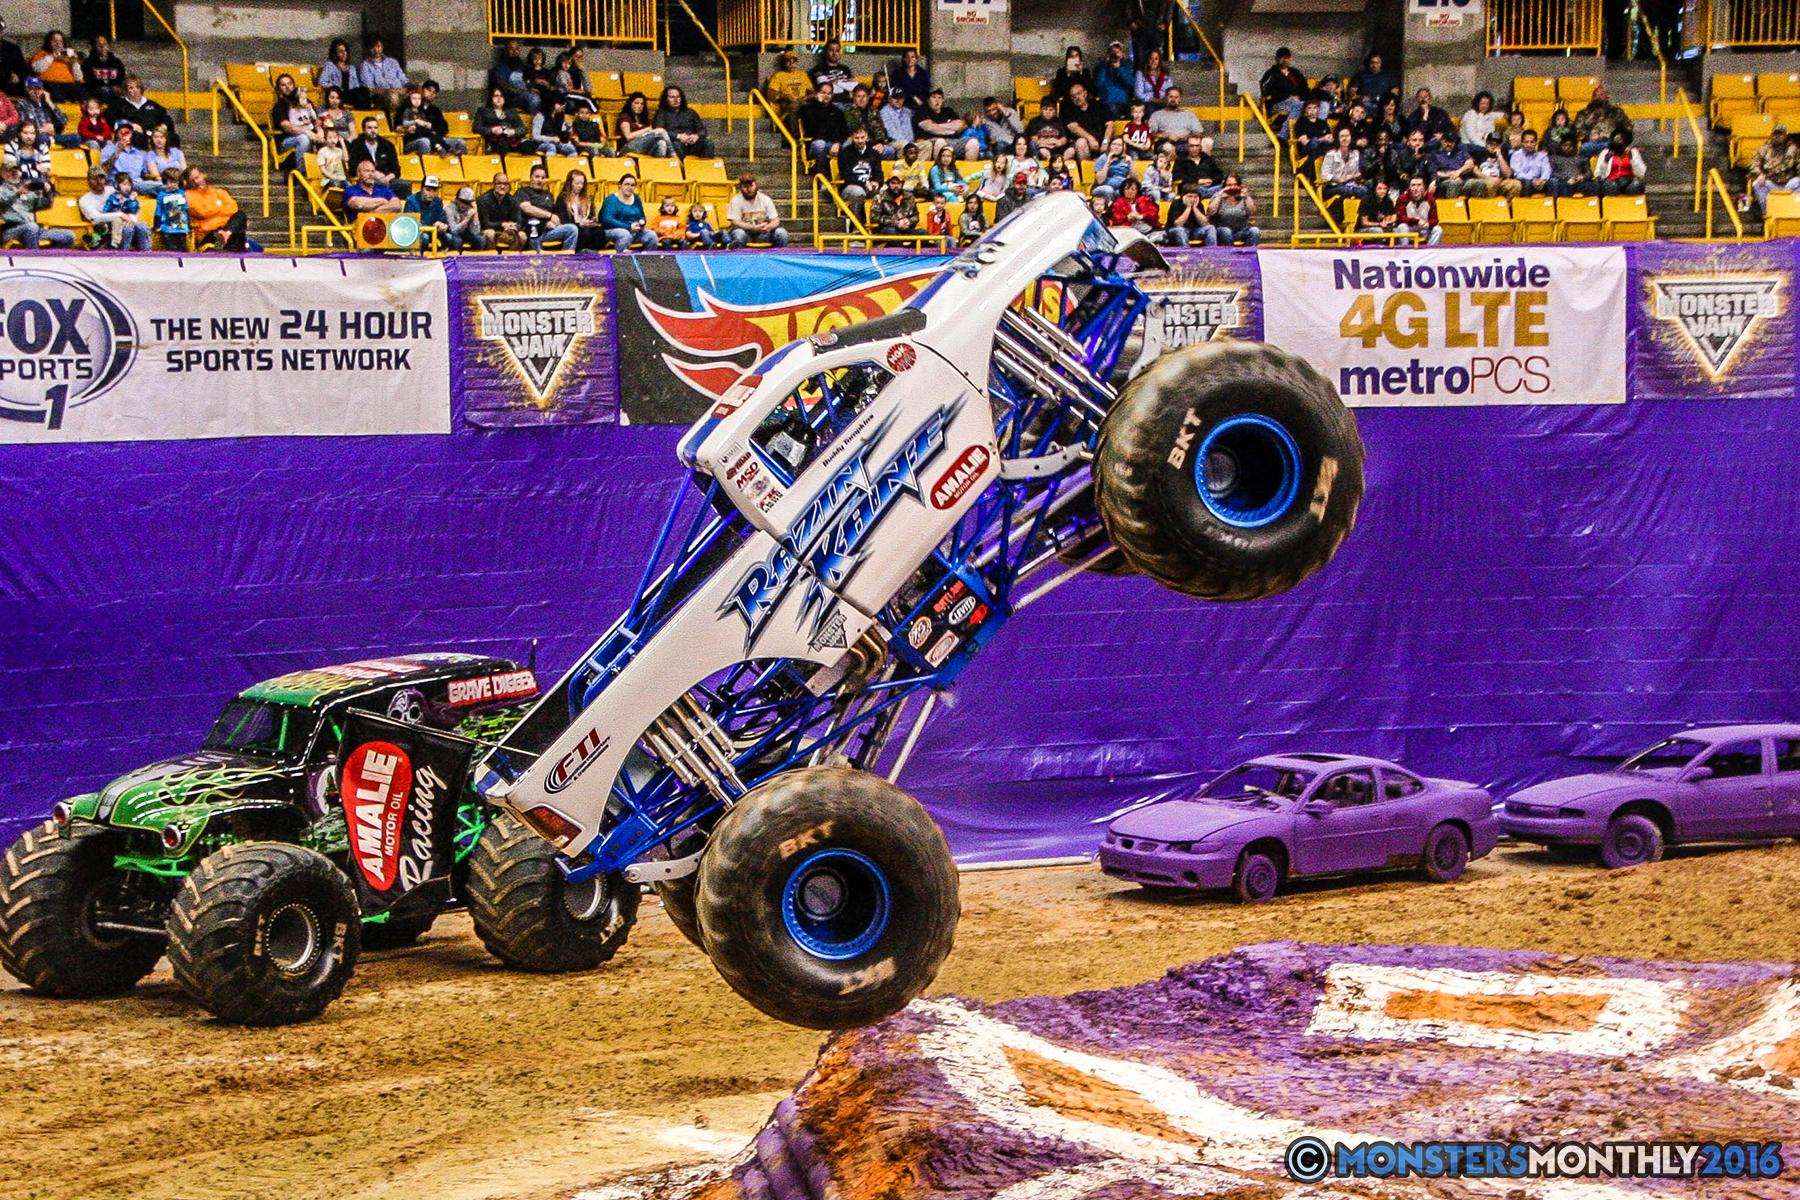 14-monster-jam-utc-mckenzie-arena-chattanooga-tennessee-monstersmonthly-monster-truck-race-gravedigger-monstermutt-xtermigator-razin-kane-doomsday-captainscurse-2016.jpg